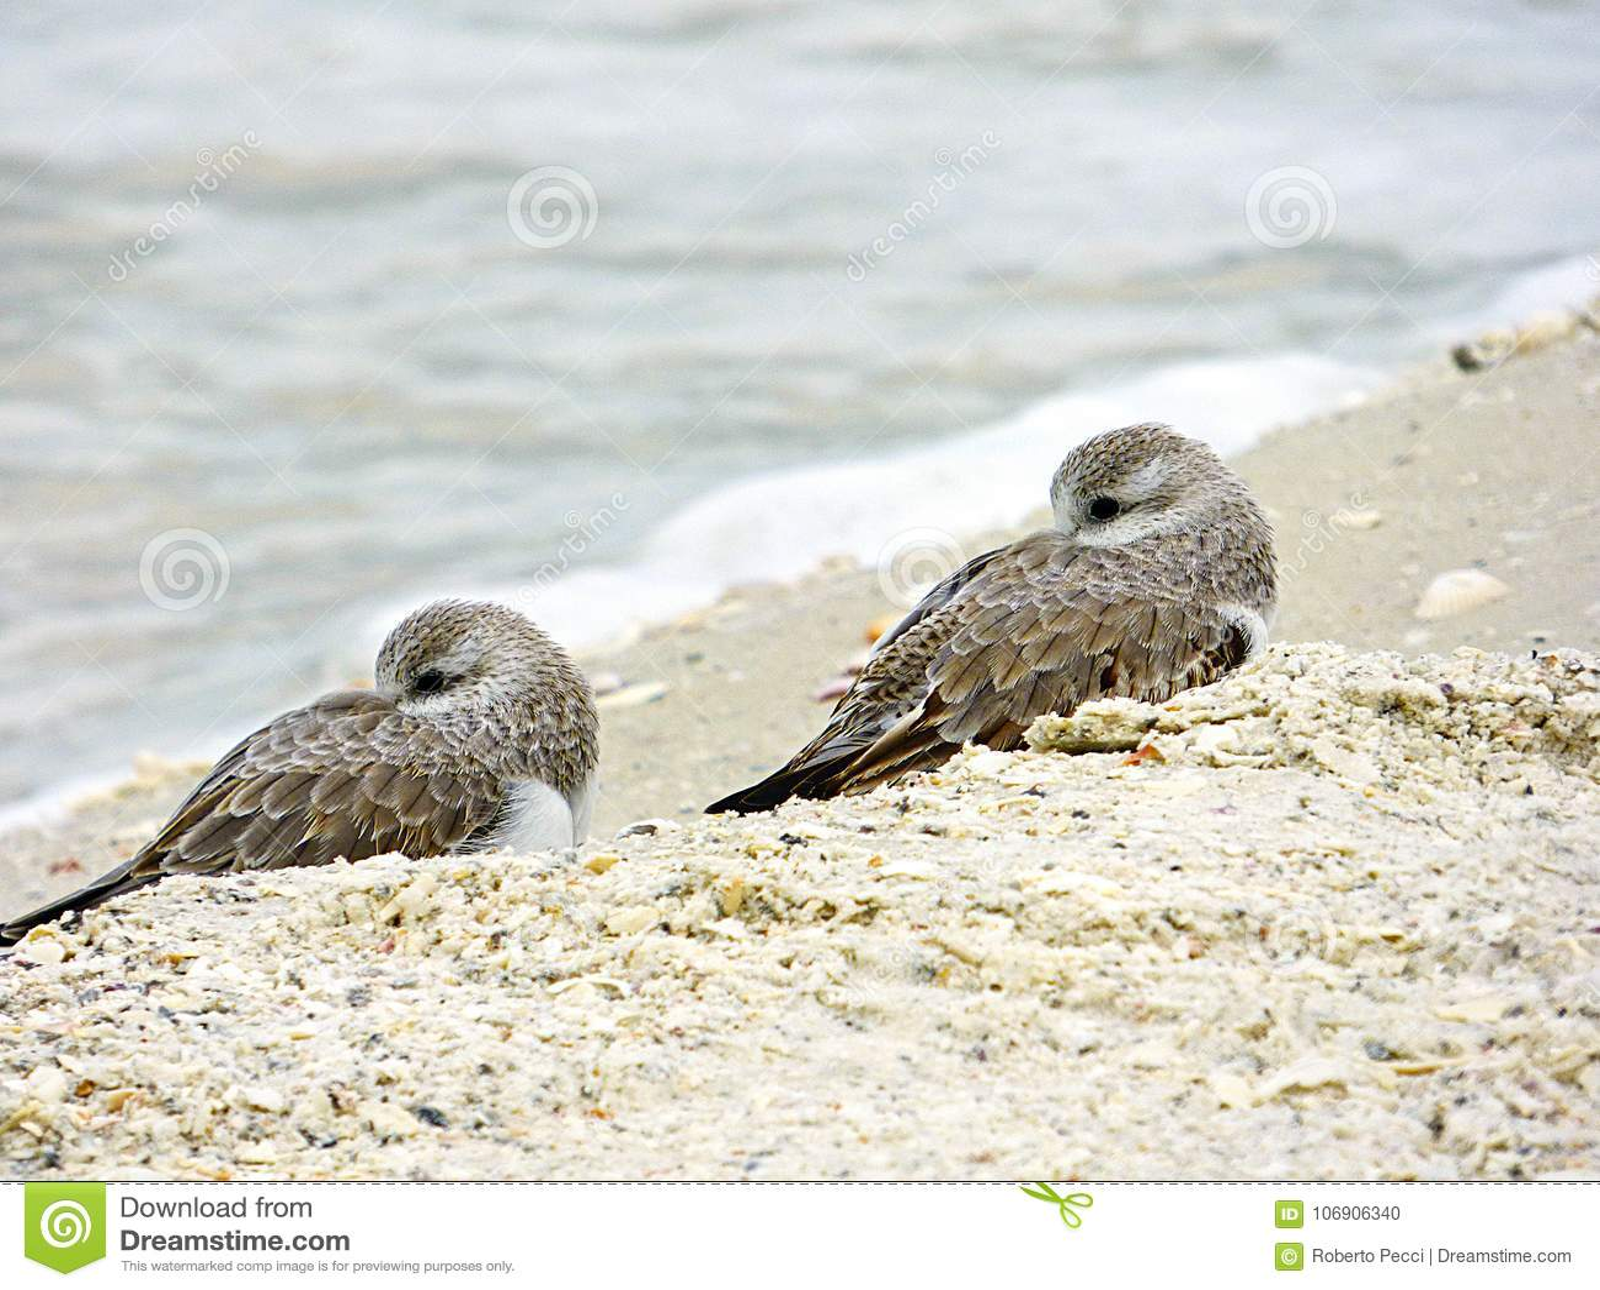 Floryda, madery plaża, dwa ptaków mały odpoczynek gnieździł się i zamyka na plaży